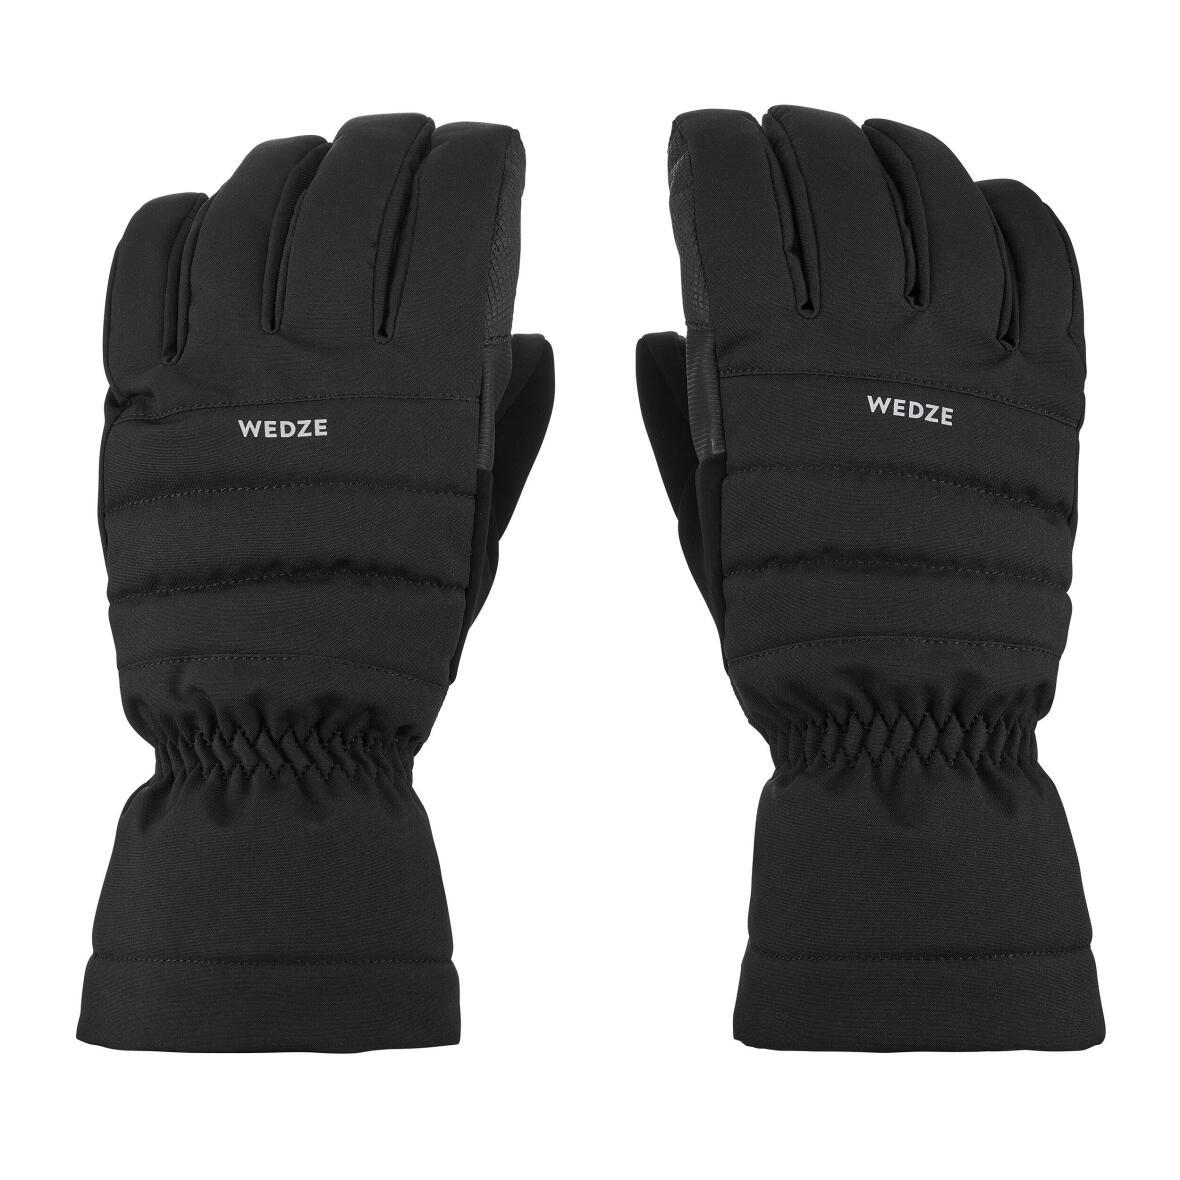 piste skiing gloves